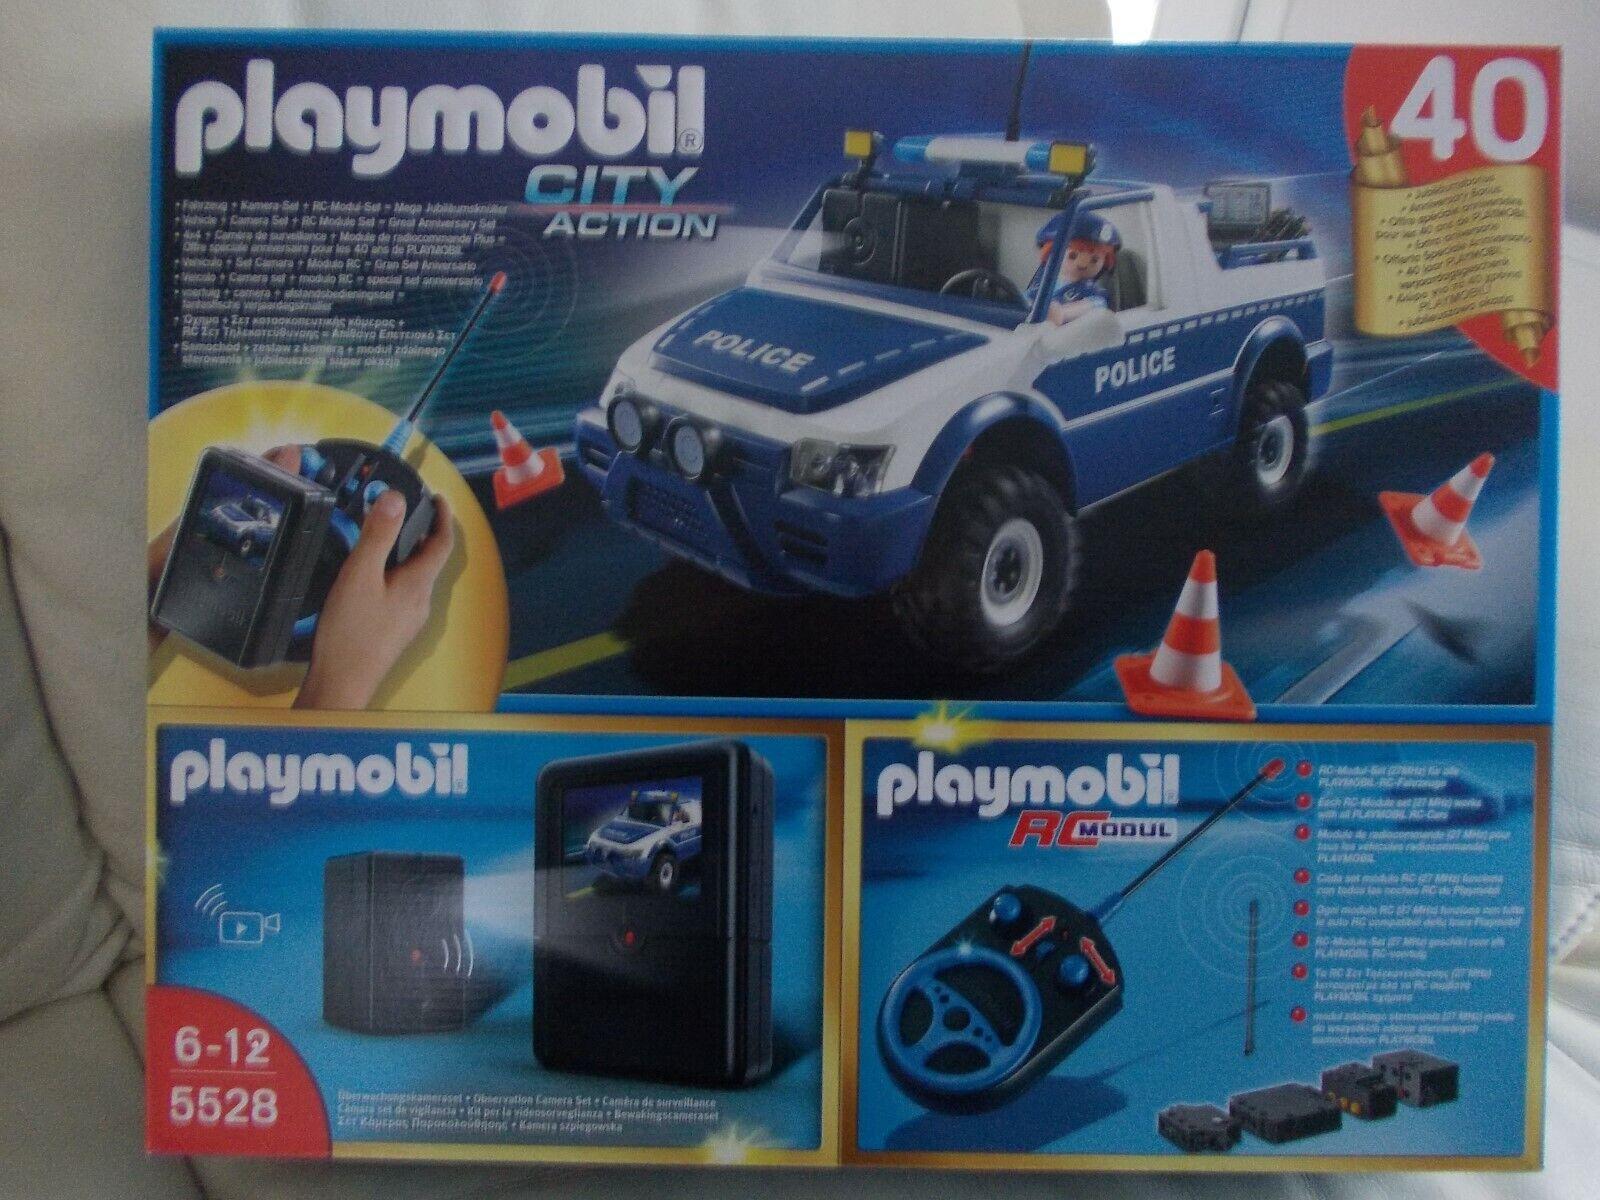 PLAYMOBIL 4X4 POLICE TELECOMMANDE AVEC CAMERA RARE  5528 EAU NEUF